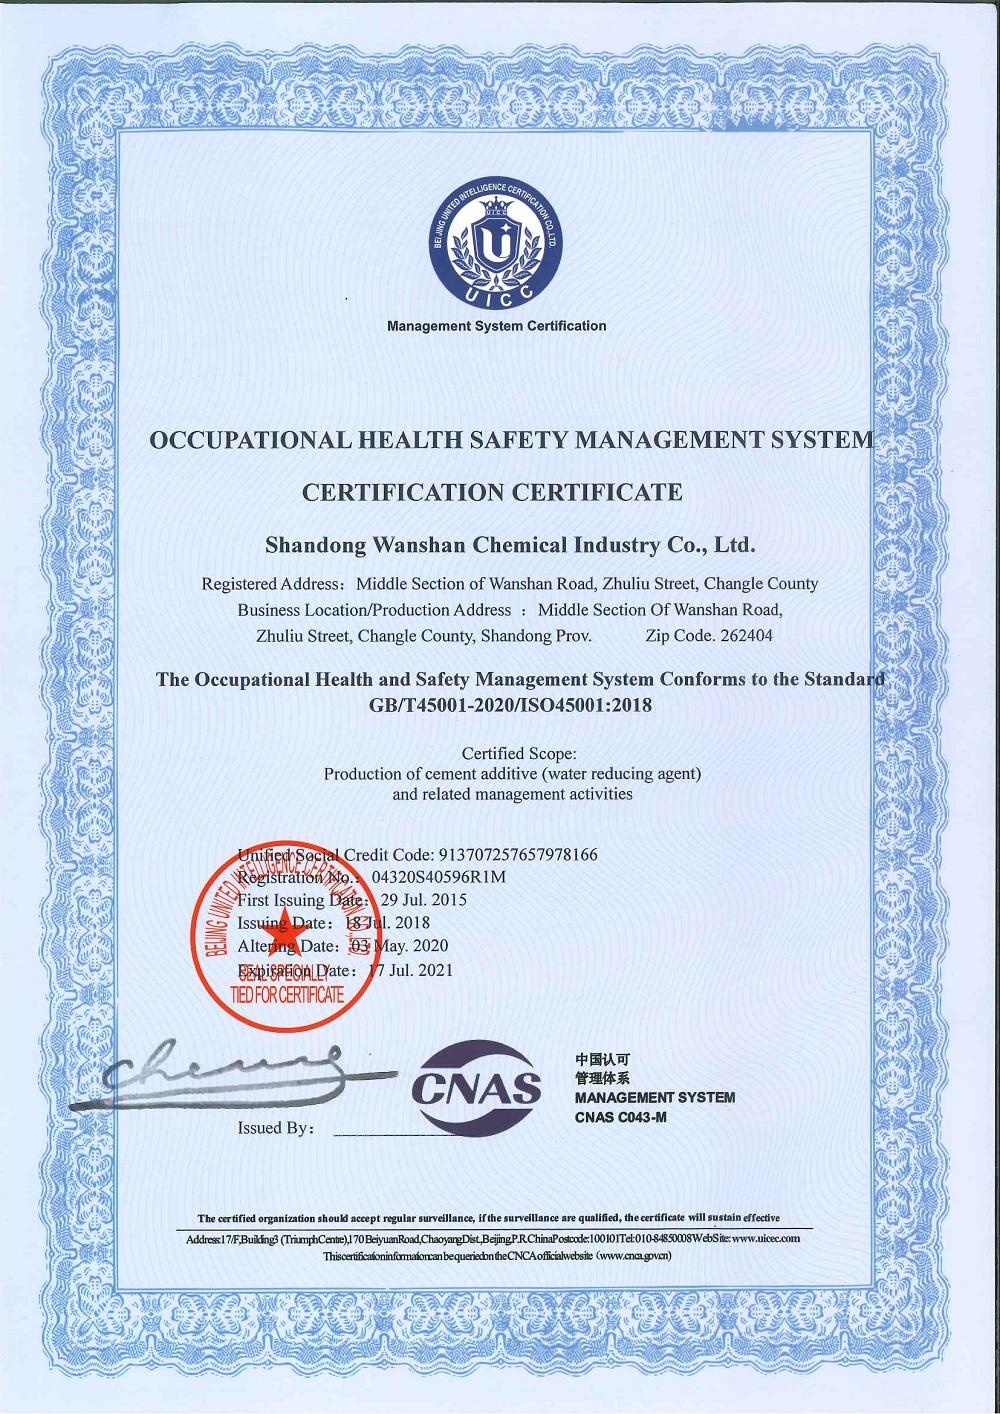 万山化工职业健康体系认证 英文